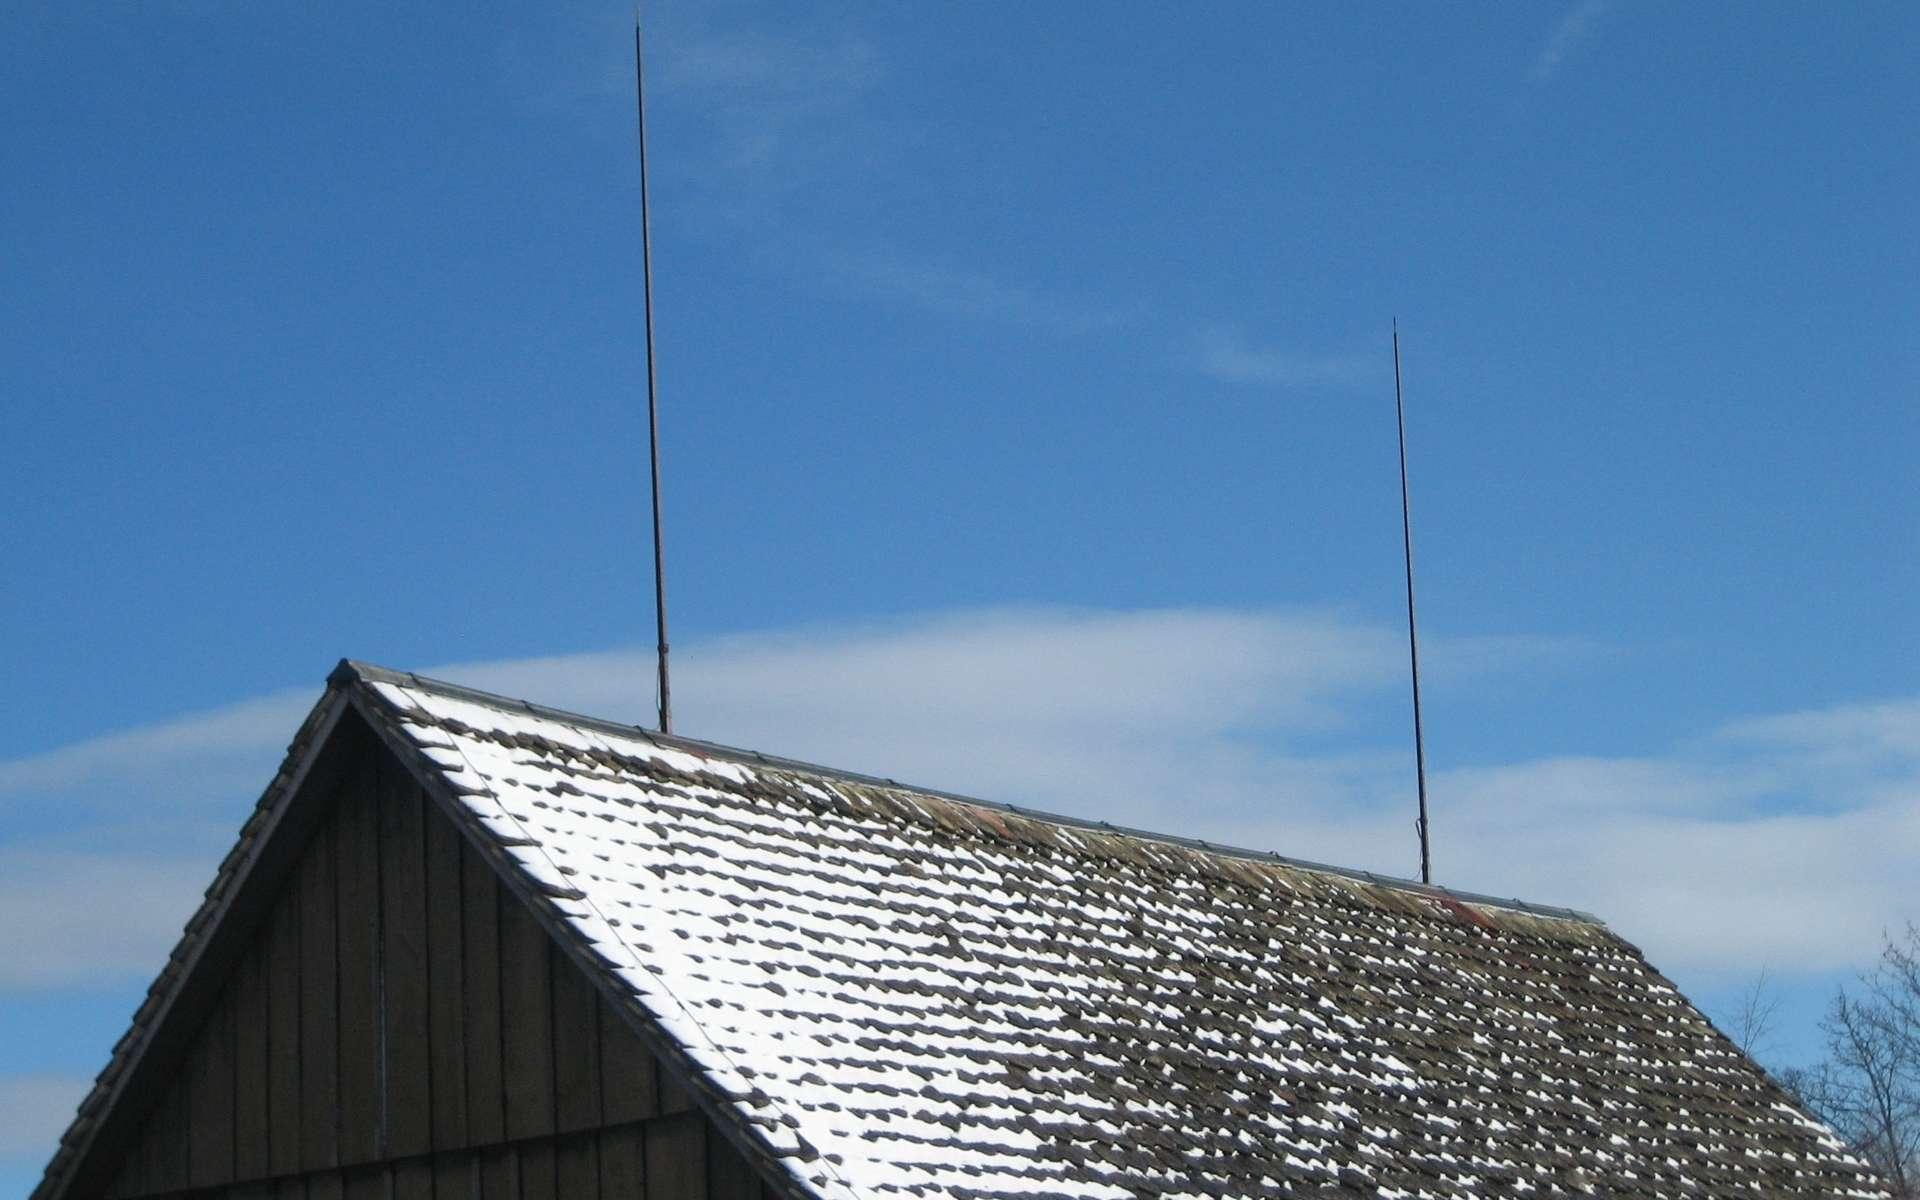 Le paratonnerre, installé en hauteur, évite l'impact de la foudre. © Adrian Michael, CC BY-SA 2.0, Wikimedia Commons